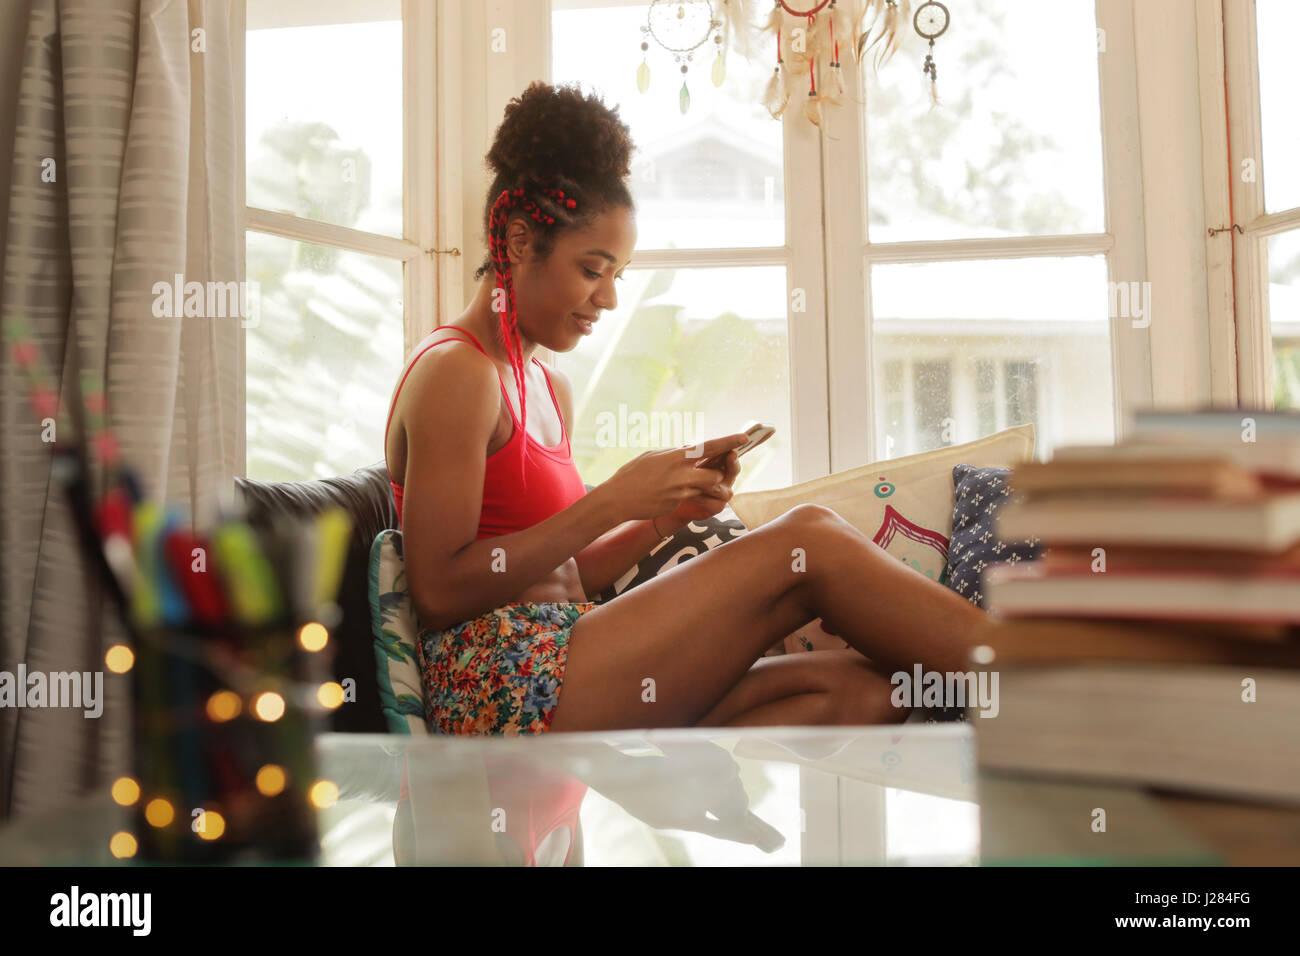 Chica negra tumbado en el sofá y utilizando el smartphone, joven afroamericana relajantes con teléfono Imagen De Stock